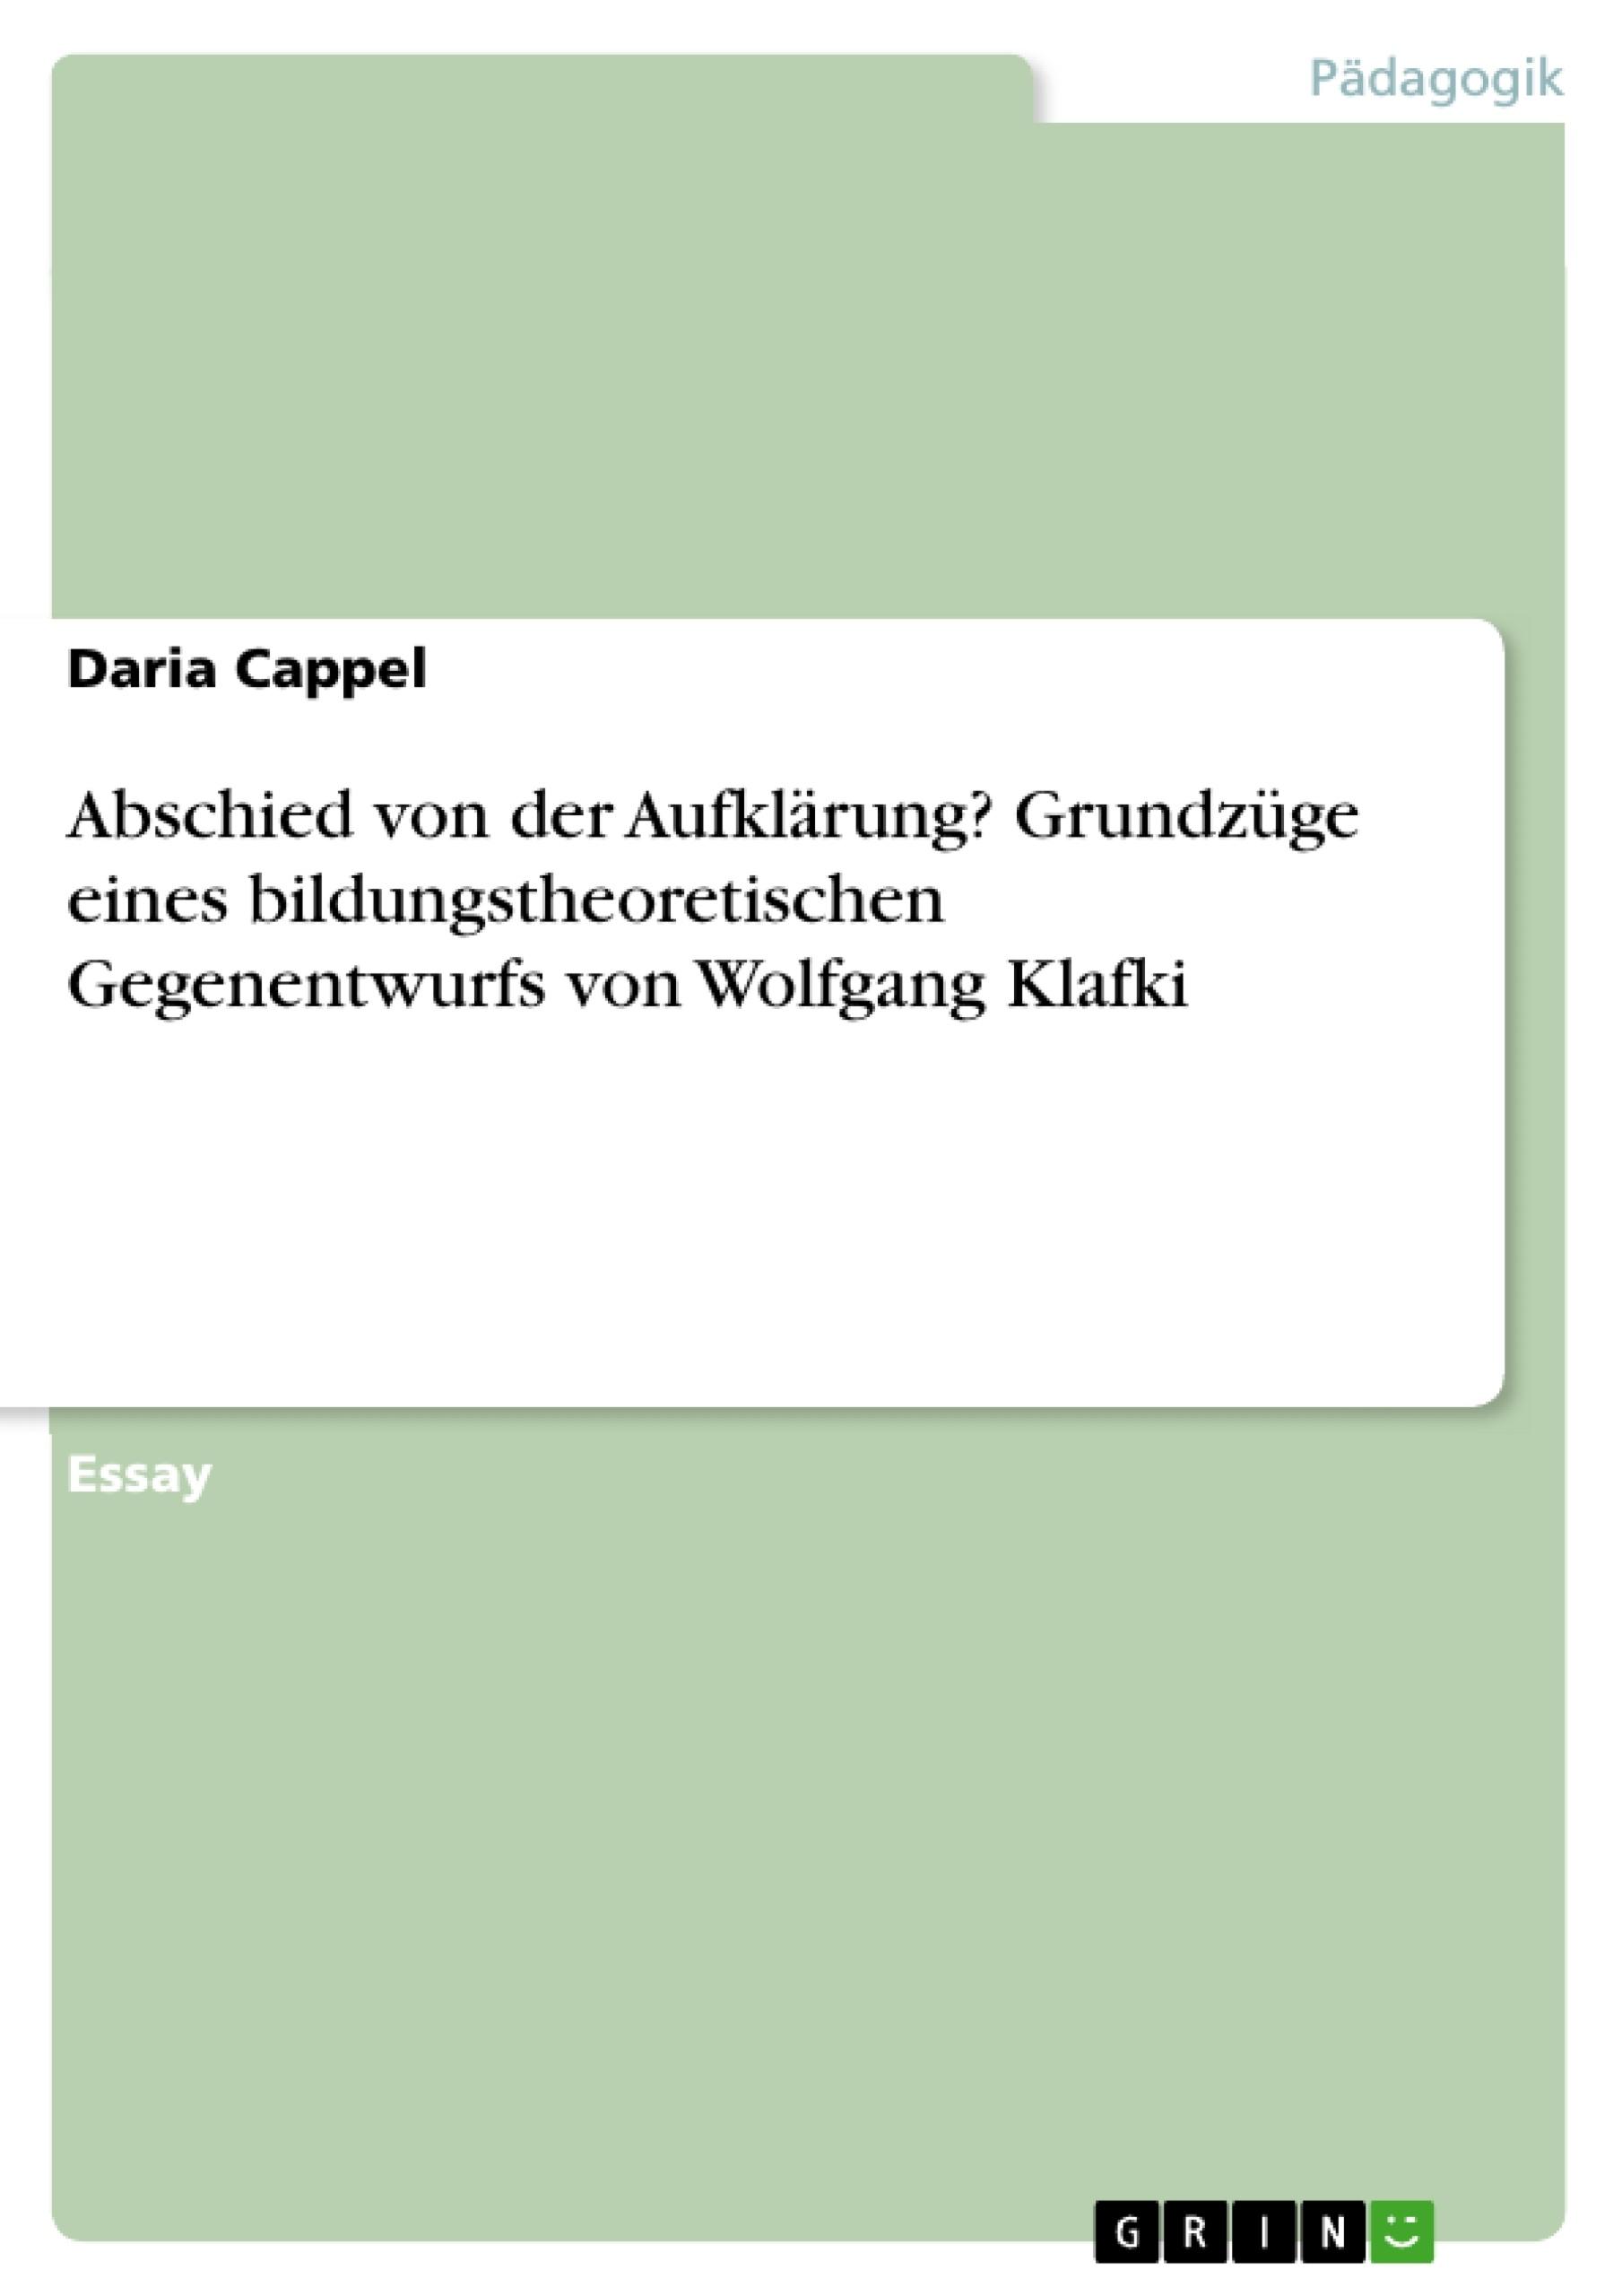 Titel: Abschied von der Aufklärung? Grundzüge eines bildungstheoretischen Gegenentwurfs  von Wolfgang Klafki